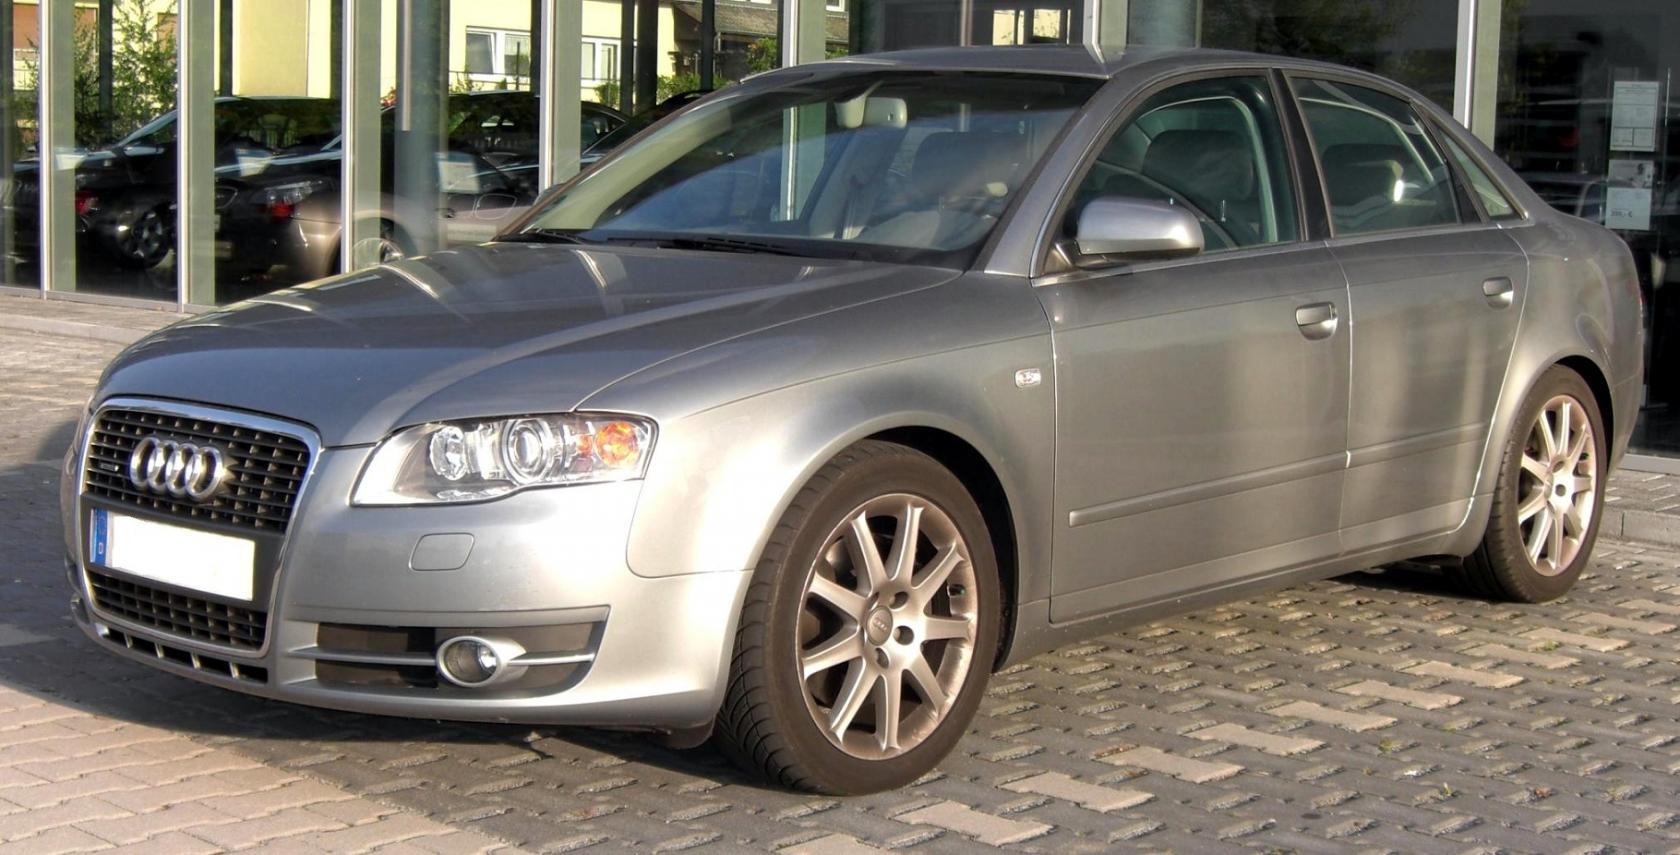 les-problemes-de-leve-vitres-sur-Audi-A4-B7-1.jpeg